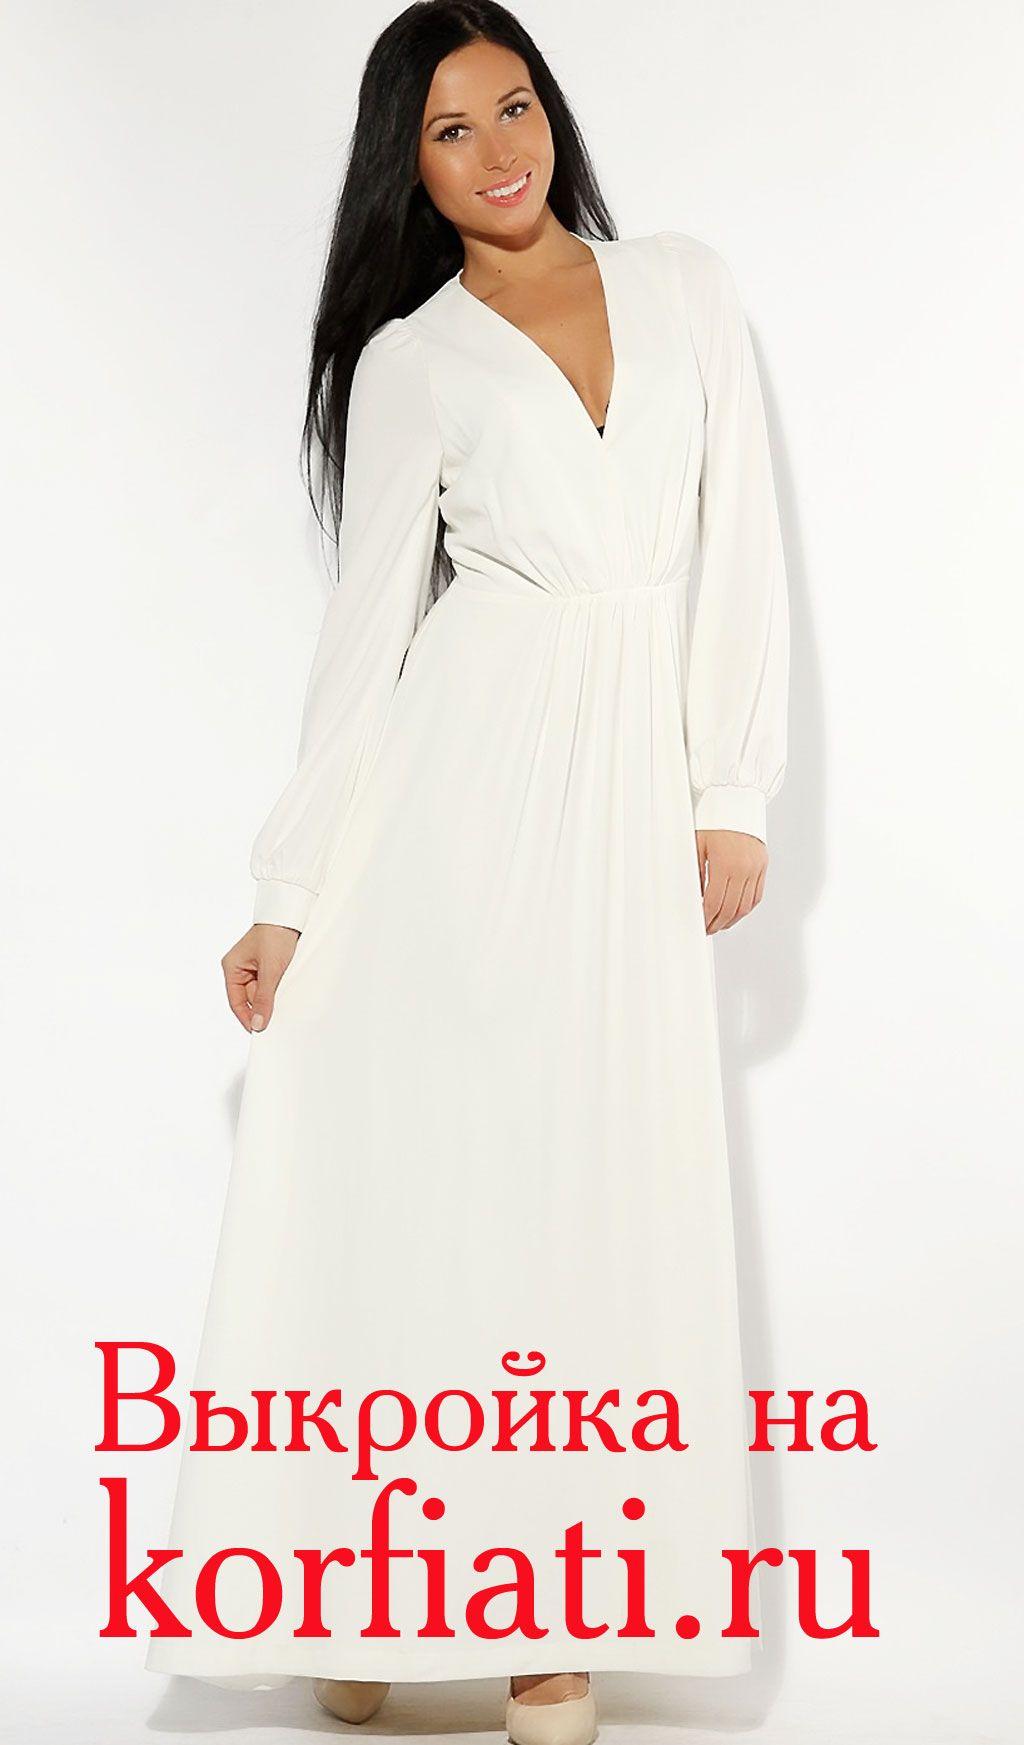 Предлагаем вам самые точные выкройки платьев на любой вкус и для ...